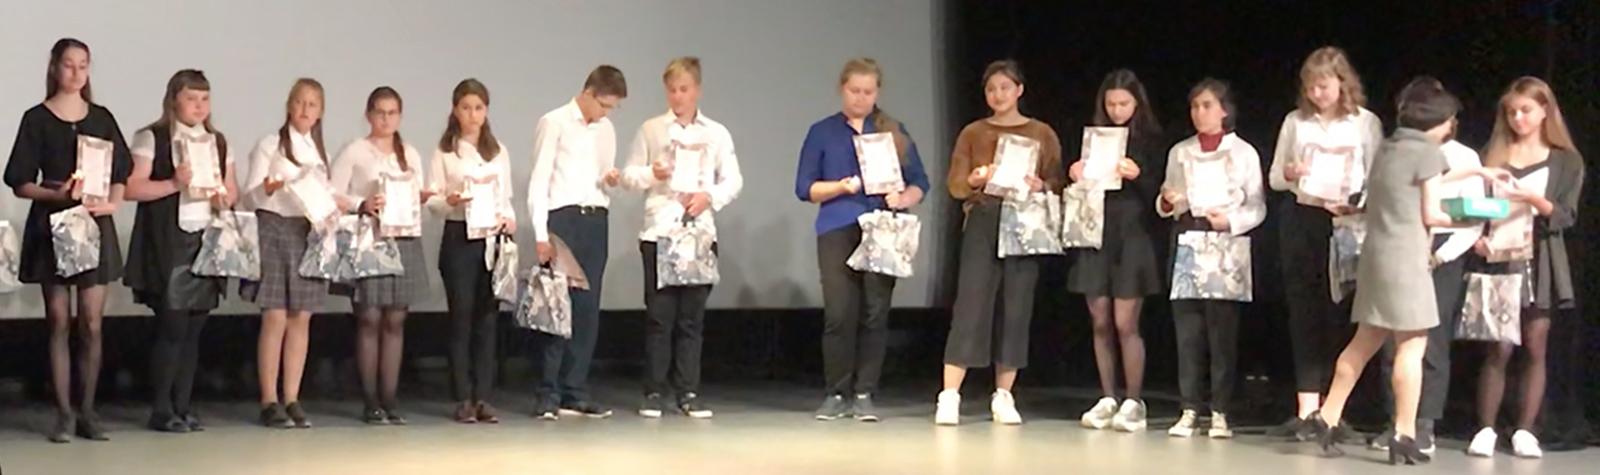 ГУЛАГ глазами детей: как екатеринбургский «Мемориал» обрабатывает школьников